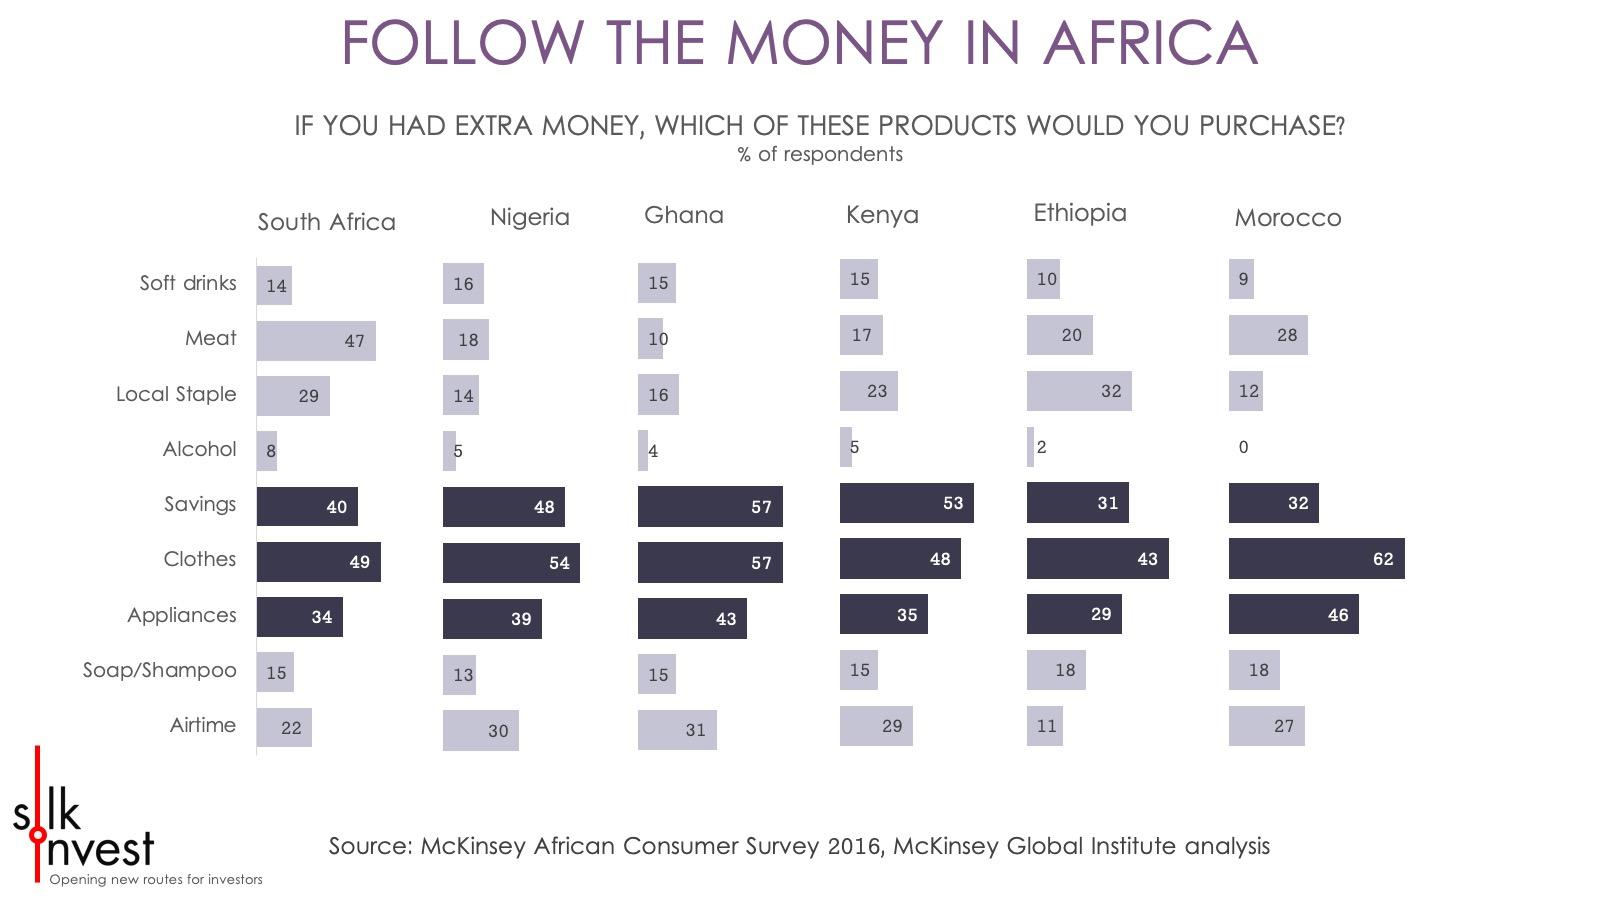 Silk Invest - Africa Smart Charts FOLLOW MONEY.jpg